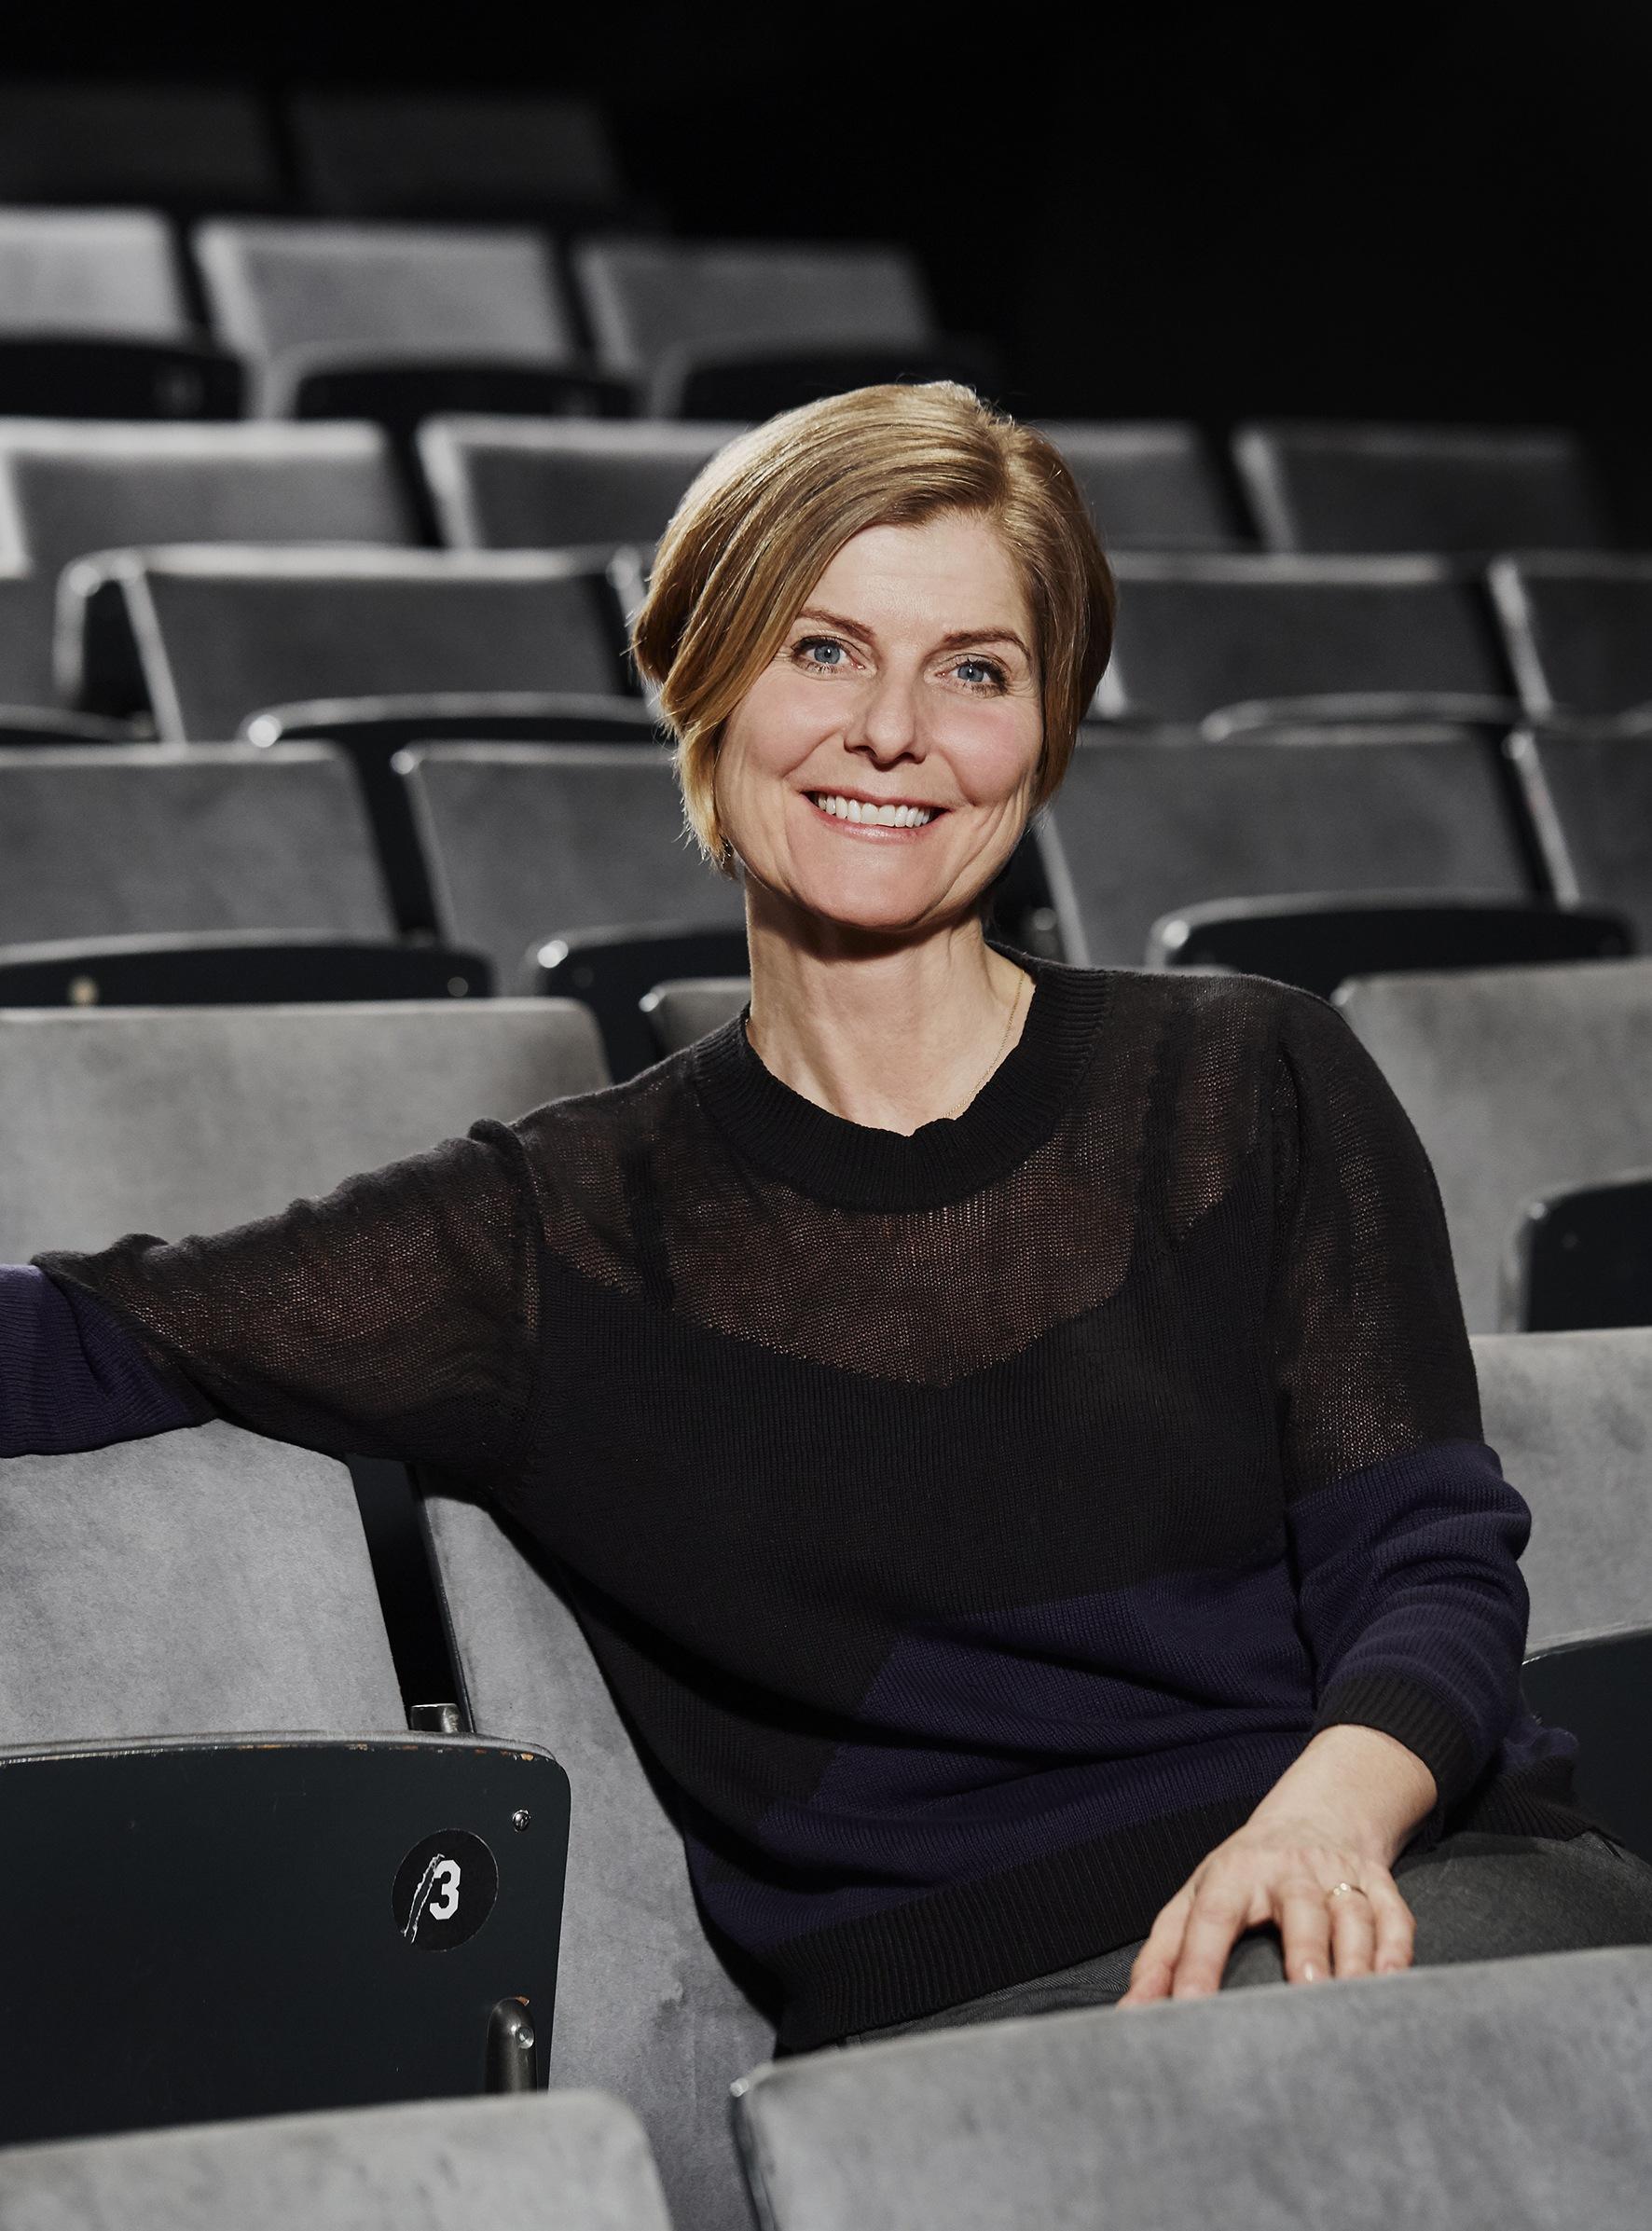 Spotlight: Kamilla Wargo Brekling